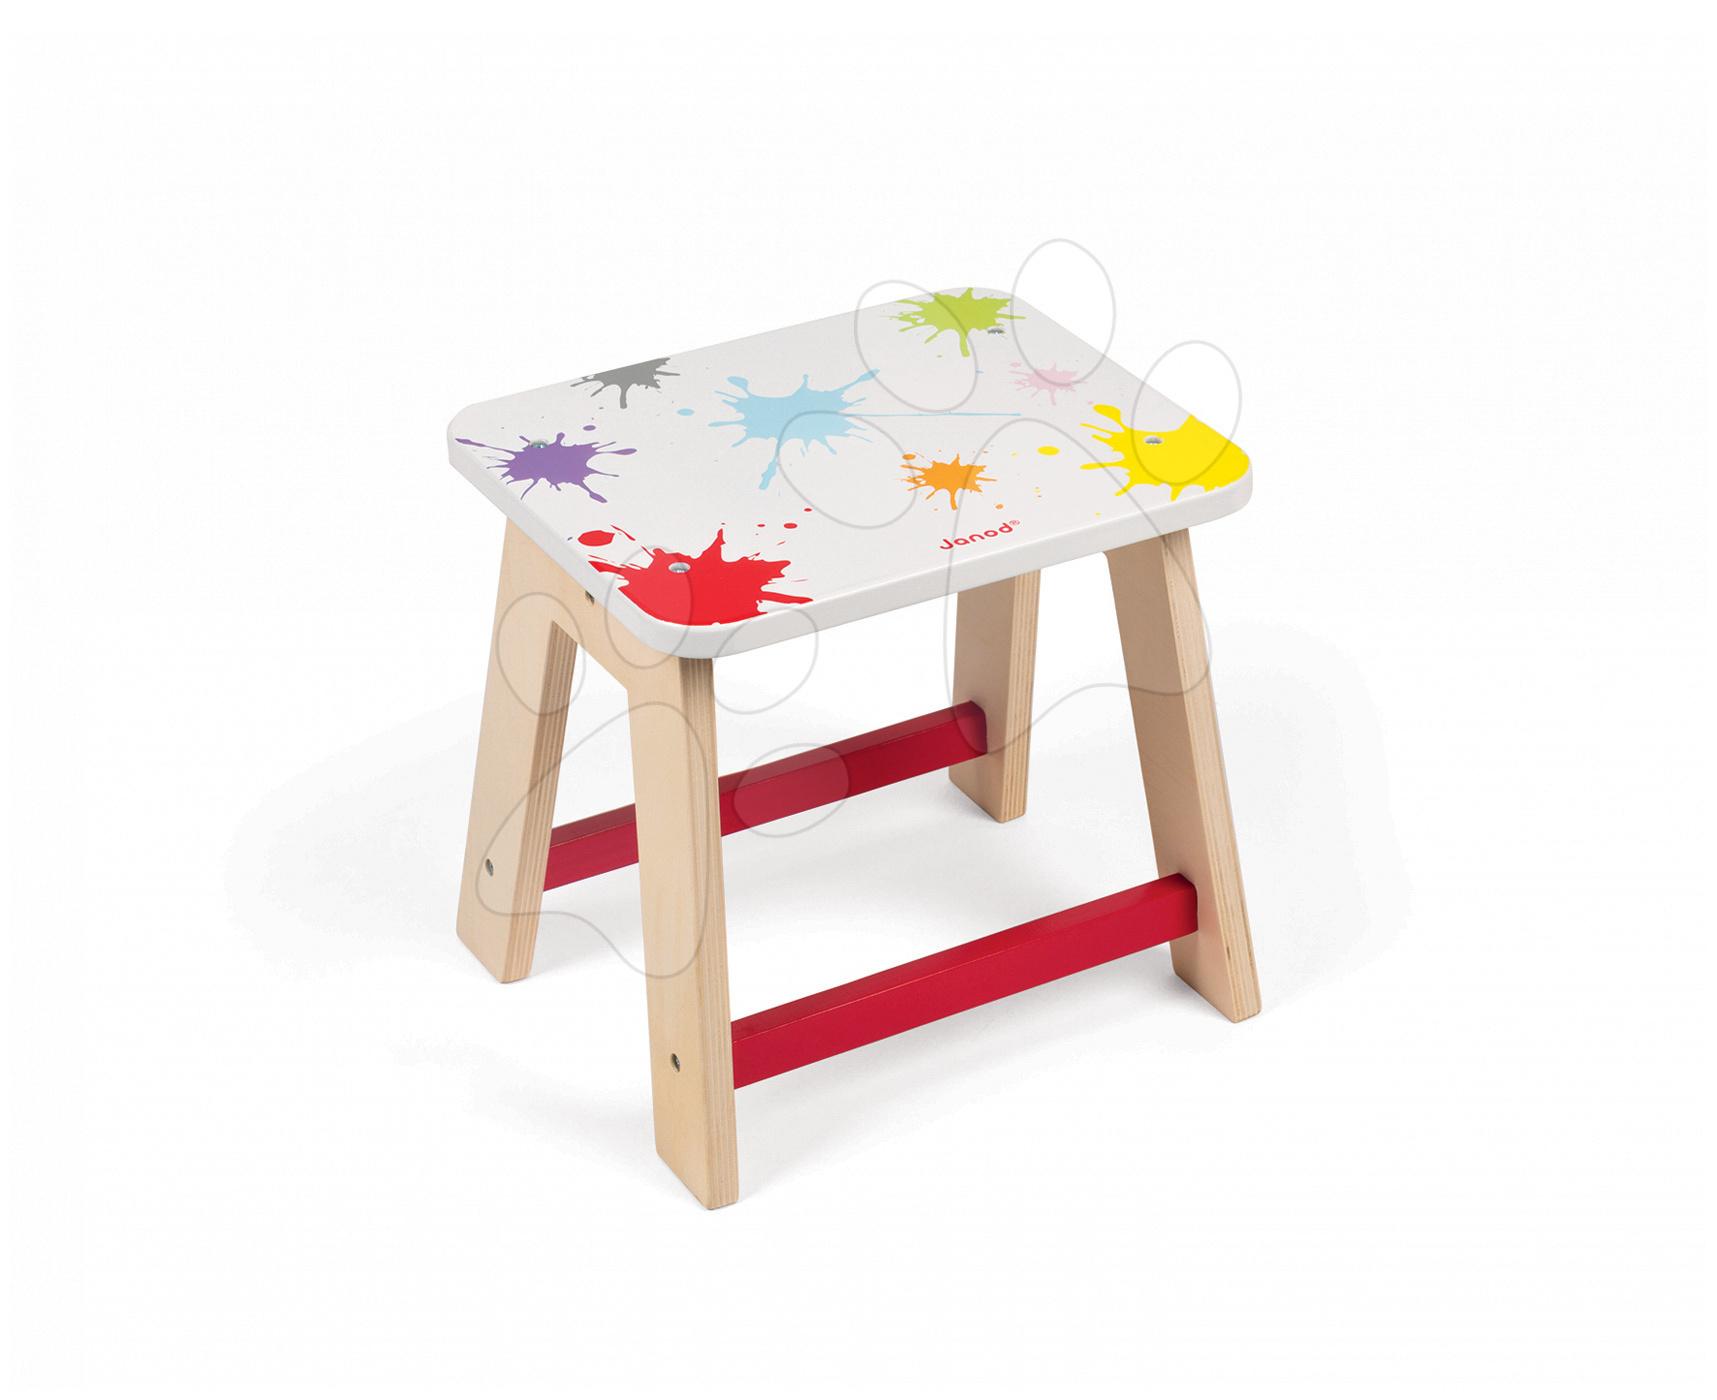 Dřevěná stolička Splash Janod výška 28 cm s opěrkami na nohy od 3 let